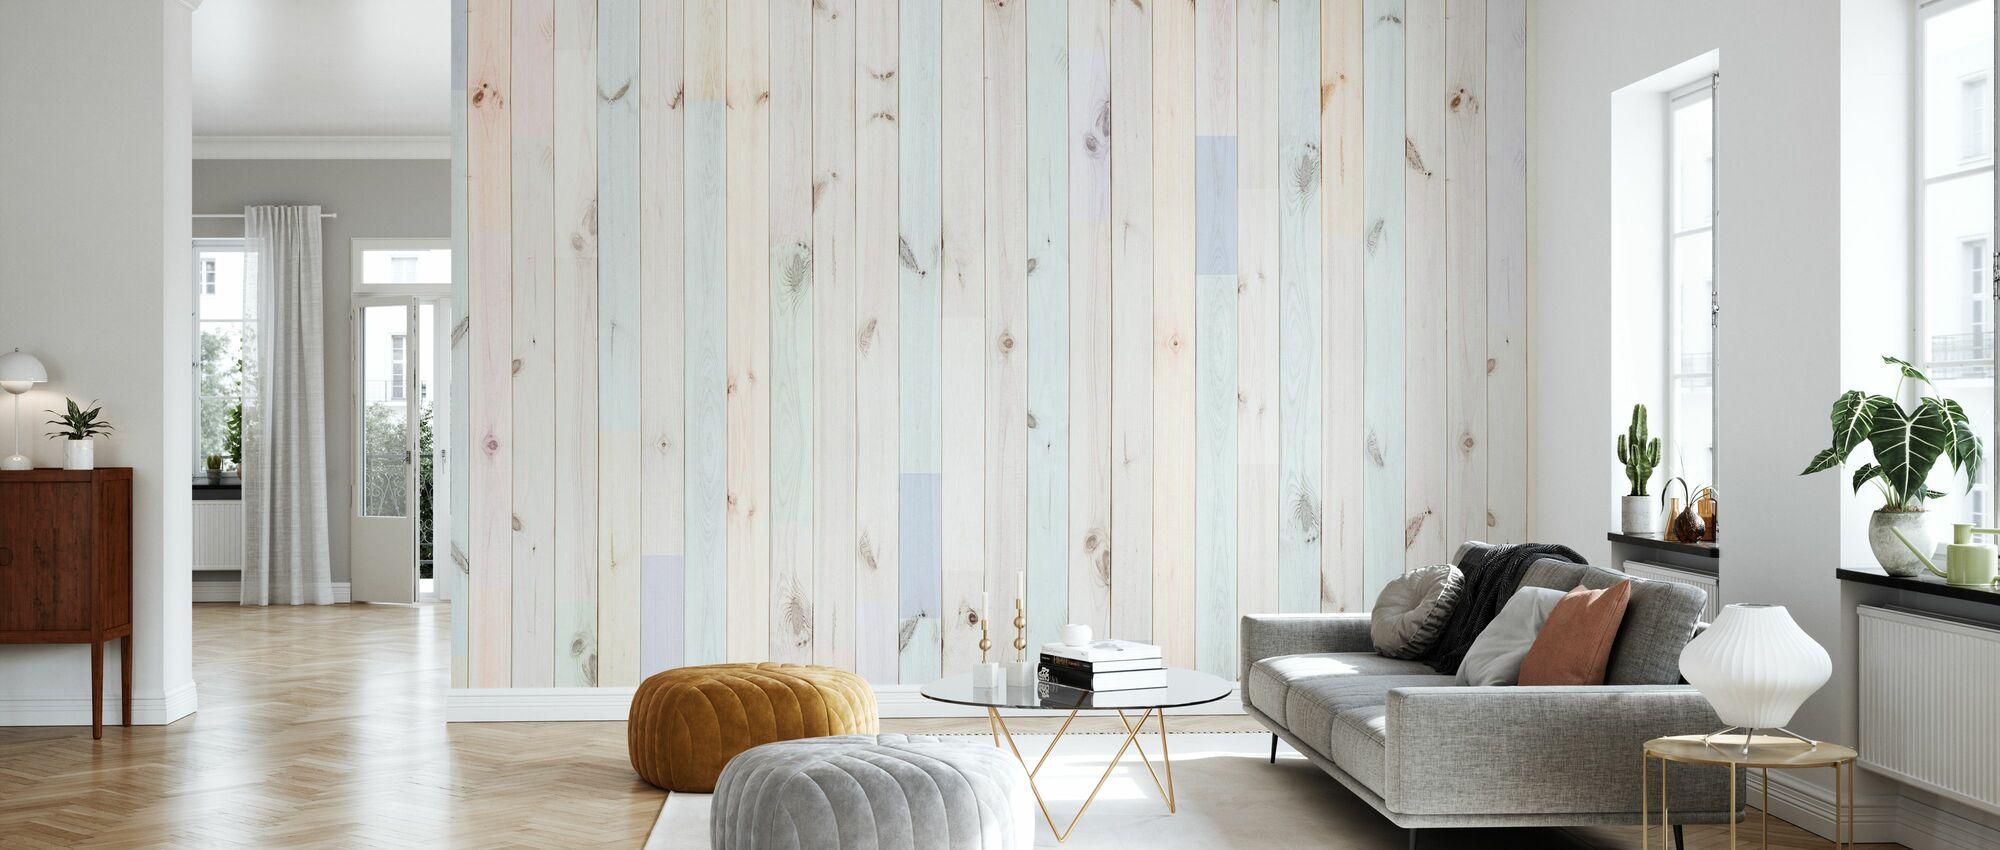 Mehrfarbige Planke - Tapete - Wohnzimmer